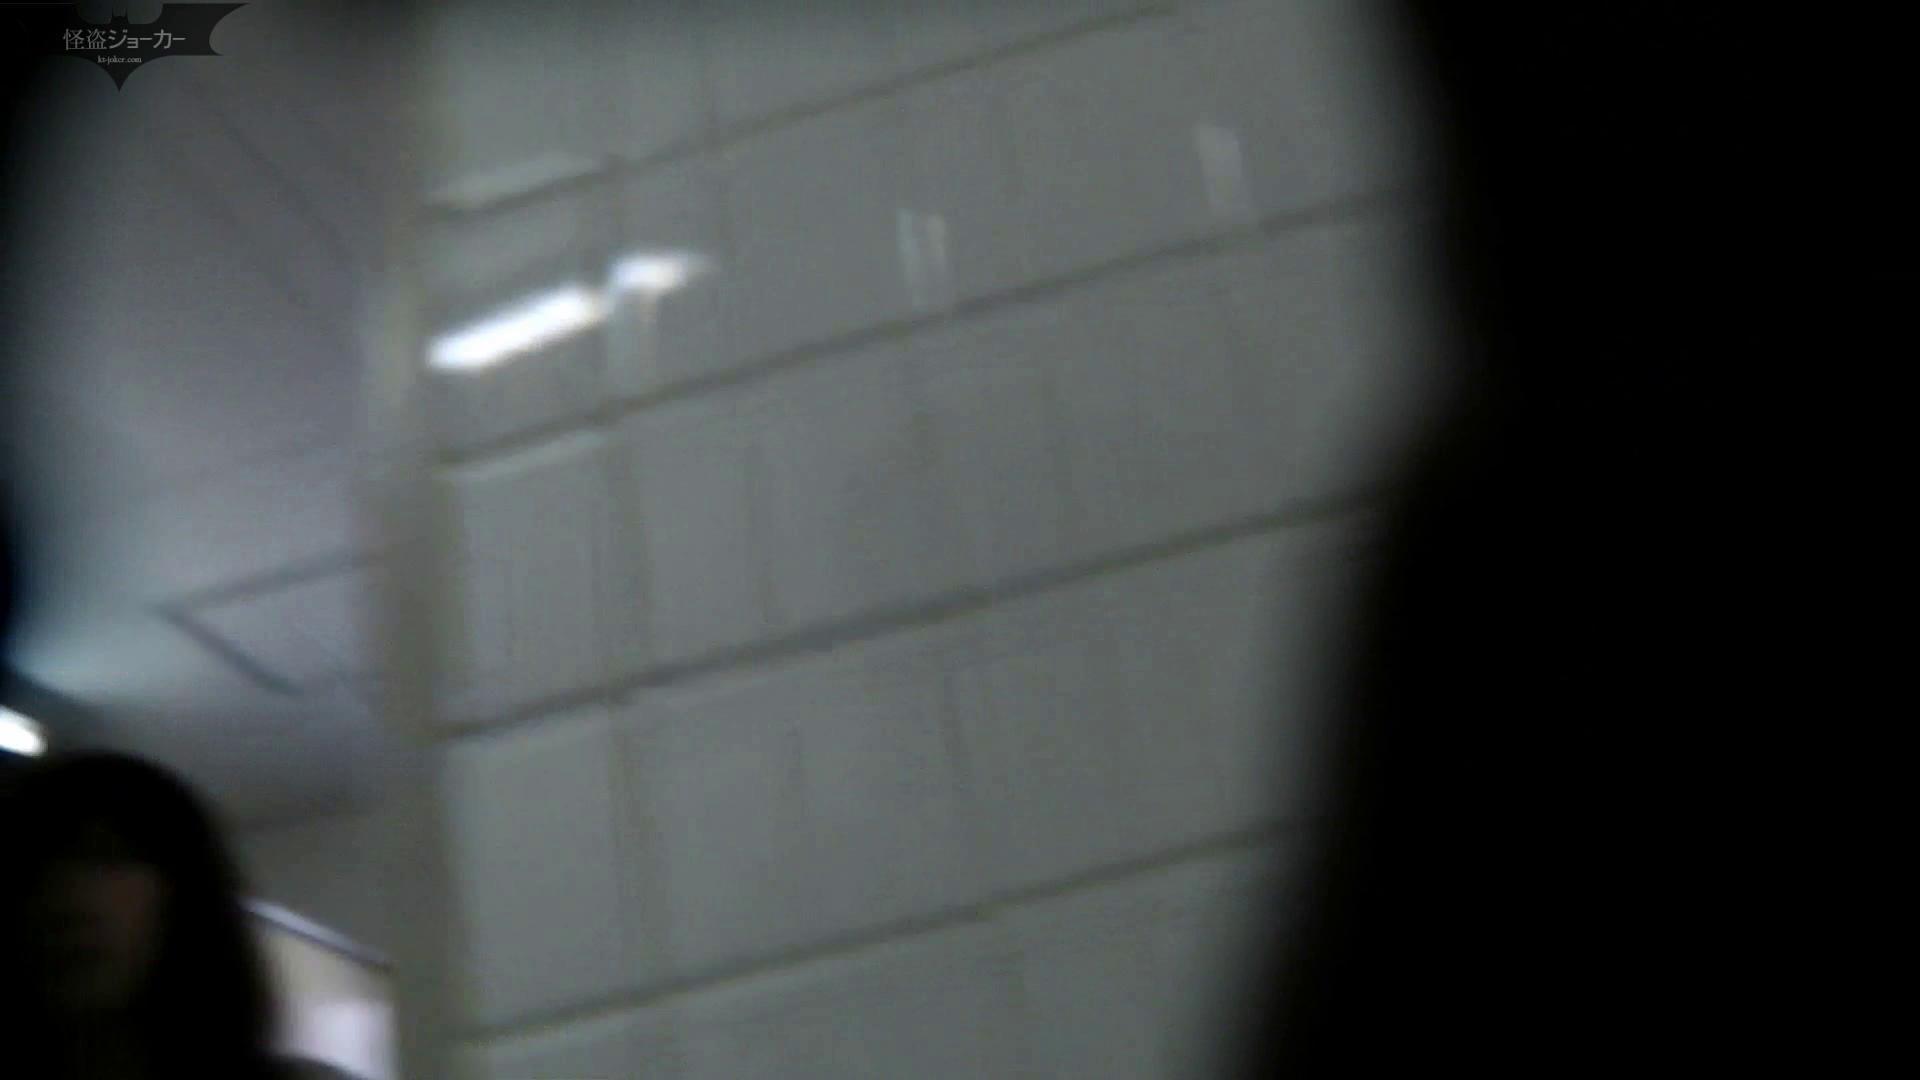 【美しき個室な世界】洗面所特攻隊 vol.046 更に進化【2015・07位】 洗面所  66pic 61